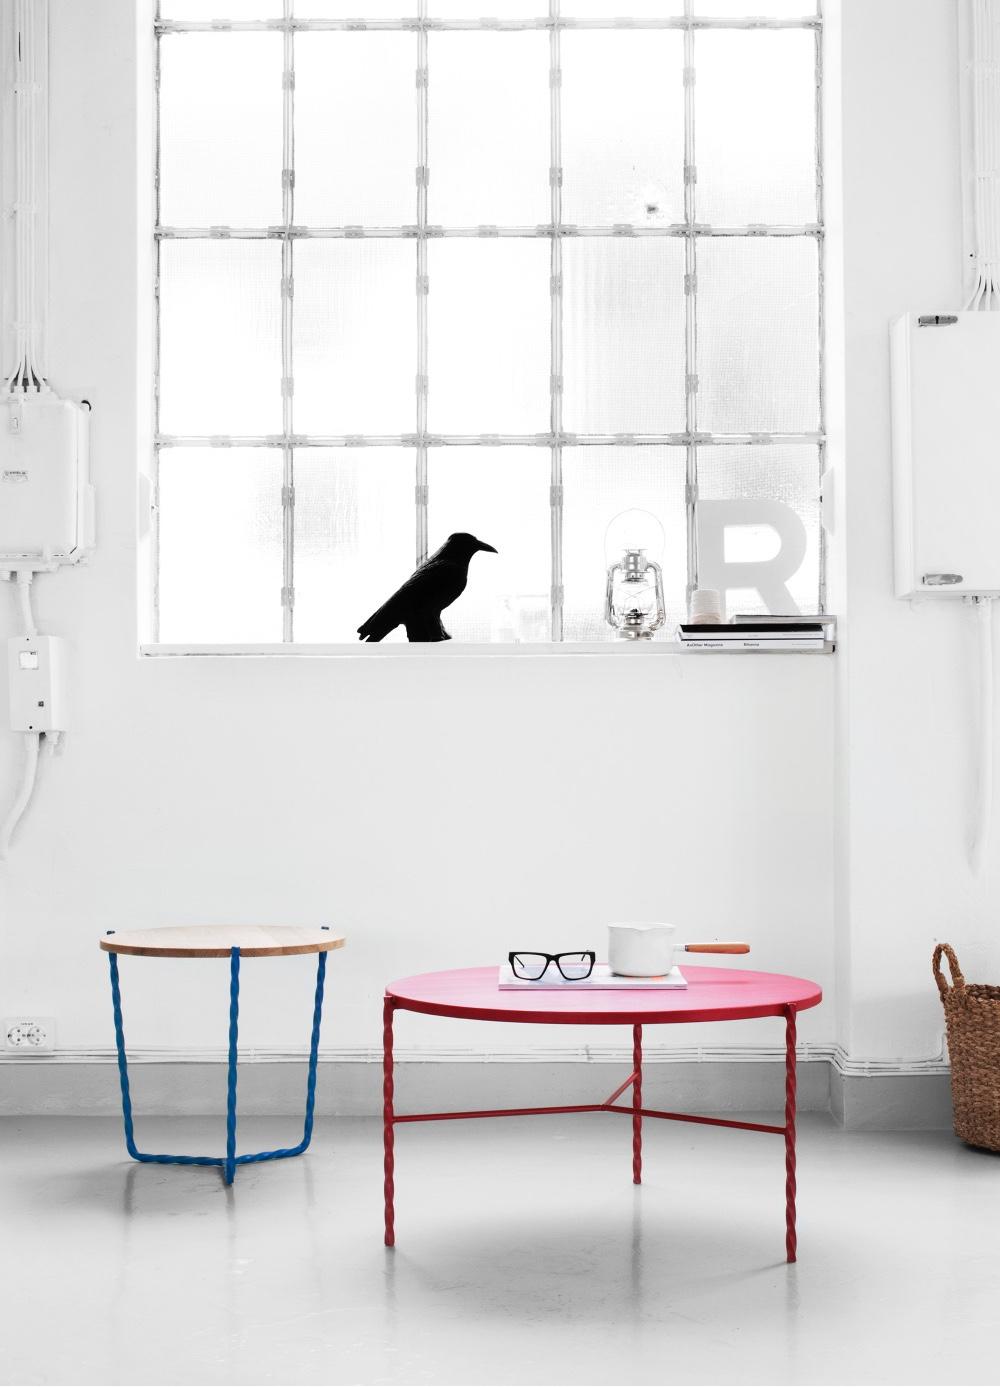 The Von iron coffee table byMorten & Jonas. Image courtesy of Morten & Jonas.